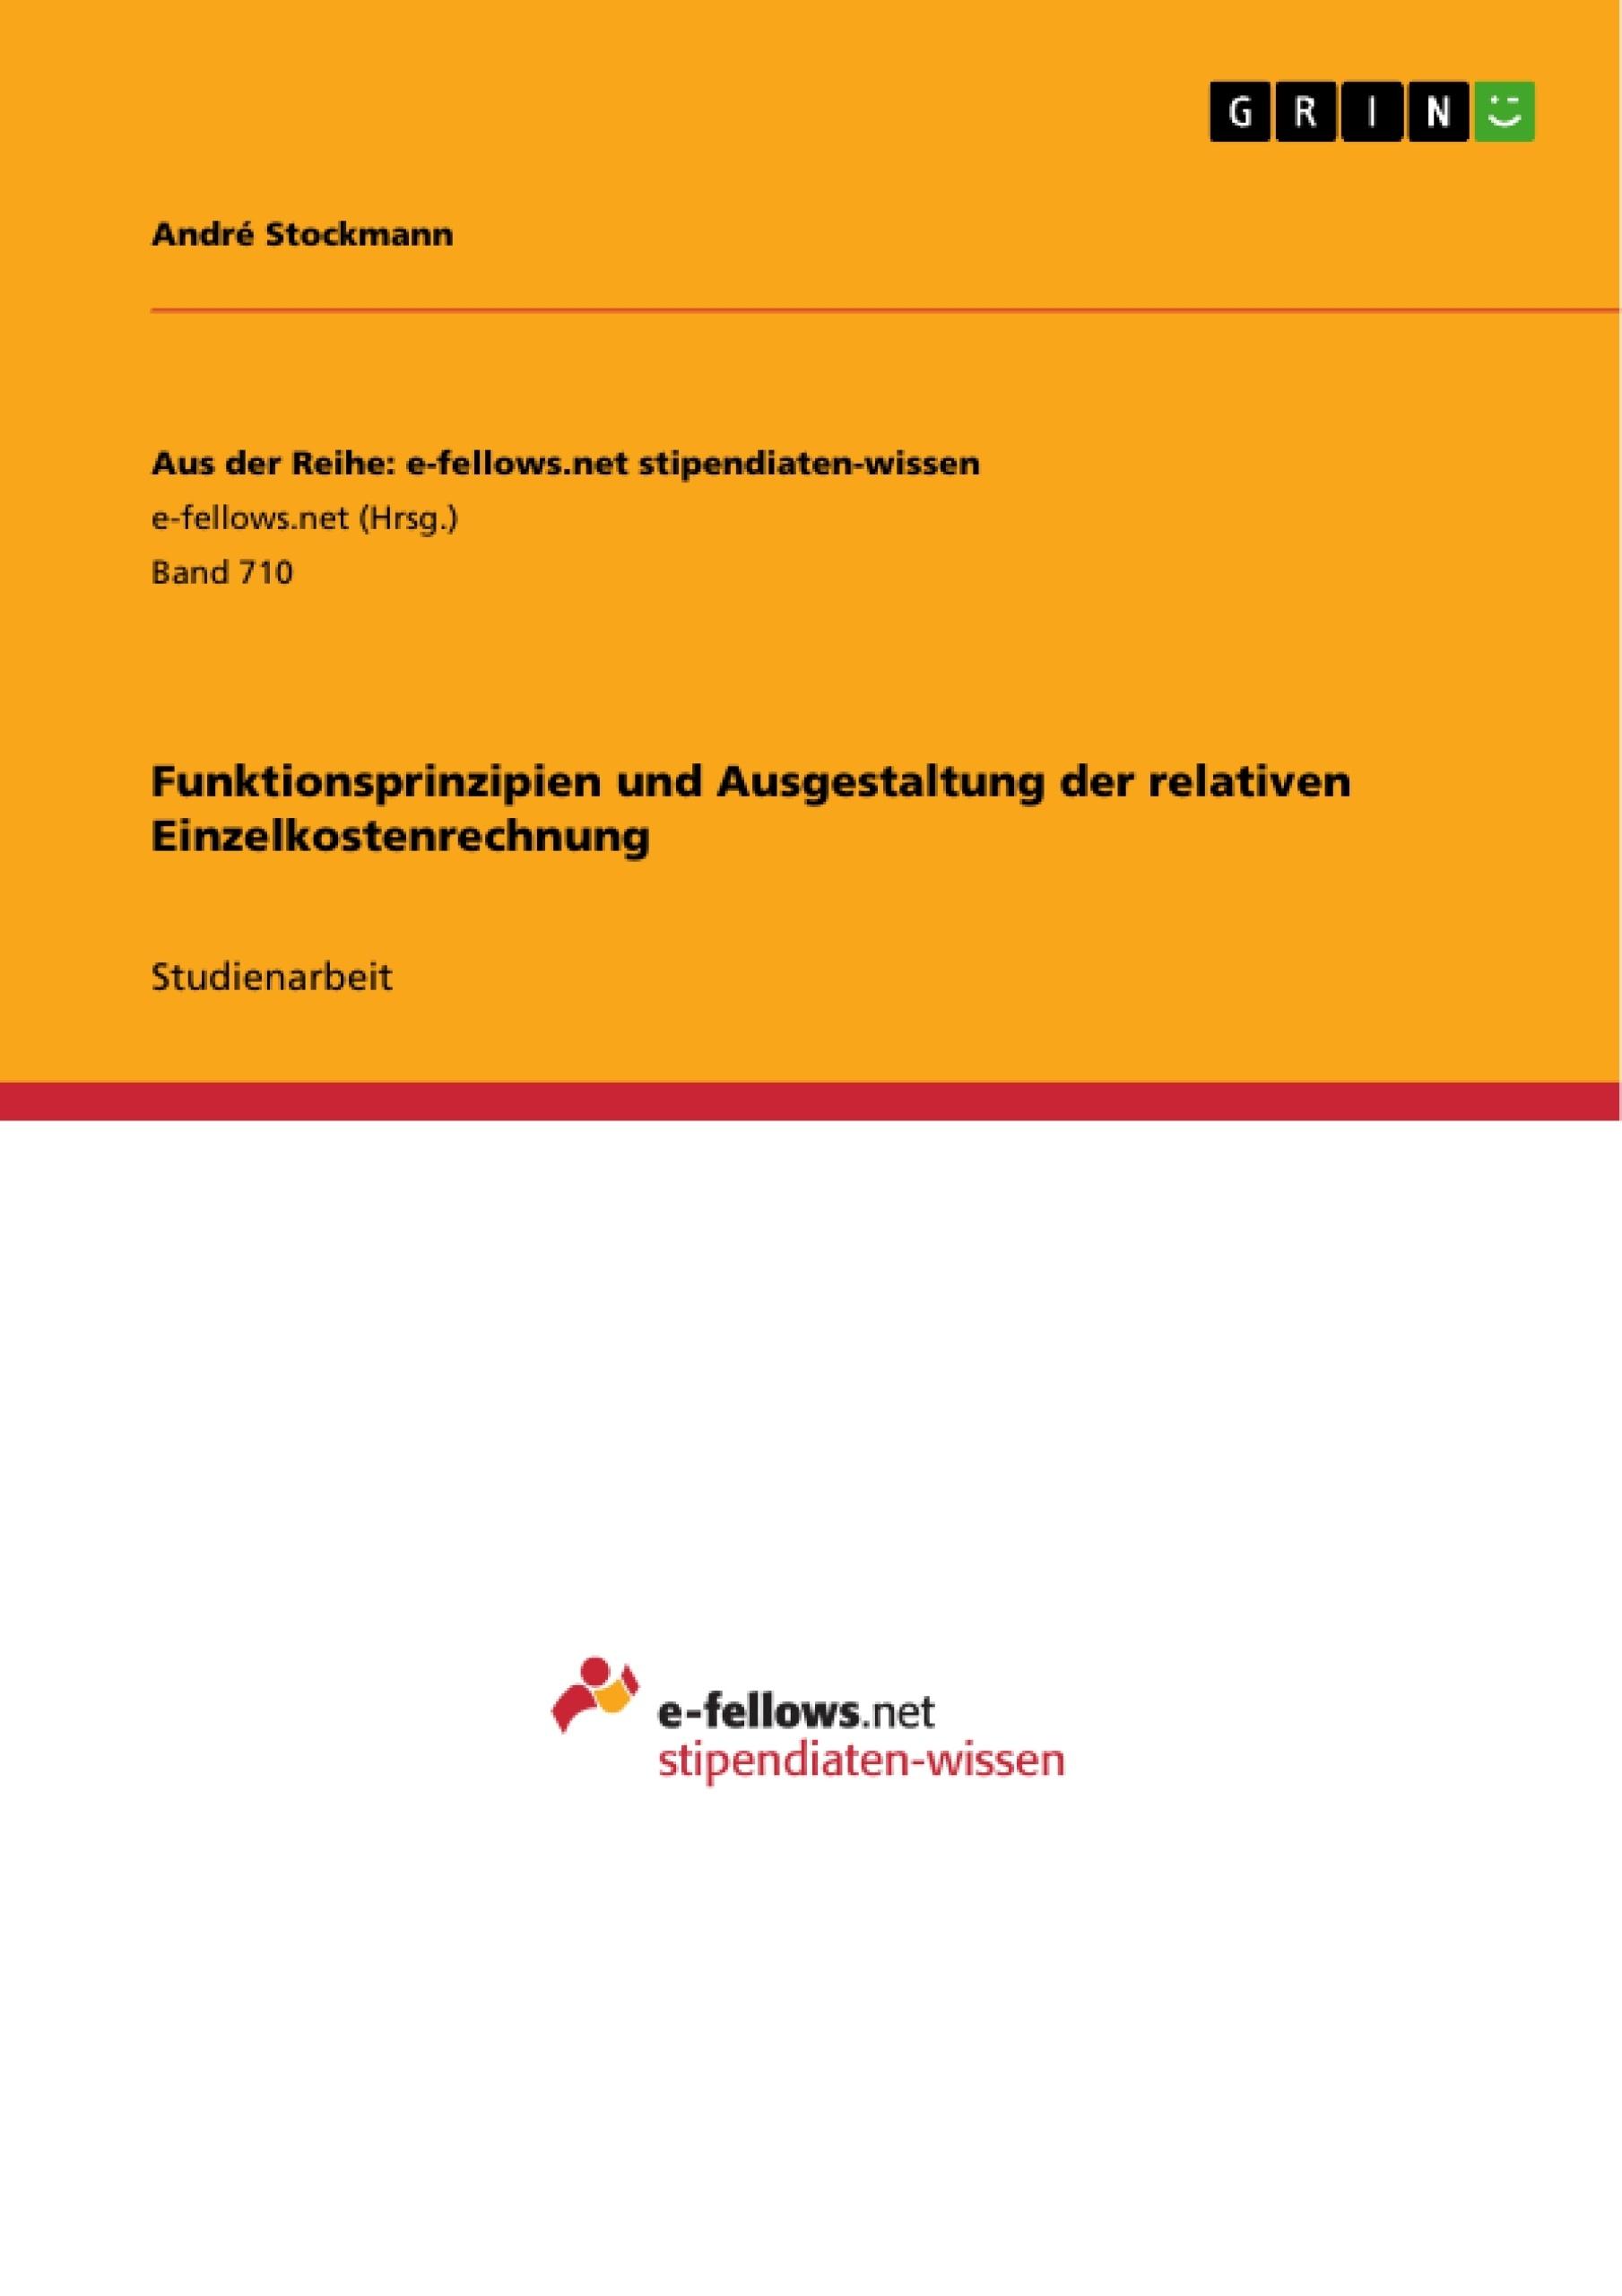 Titel: Funktionsprinzipien und Ausgestaltung der relativen Einzelkostenrechnung